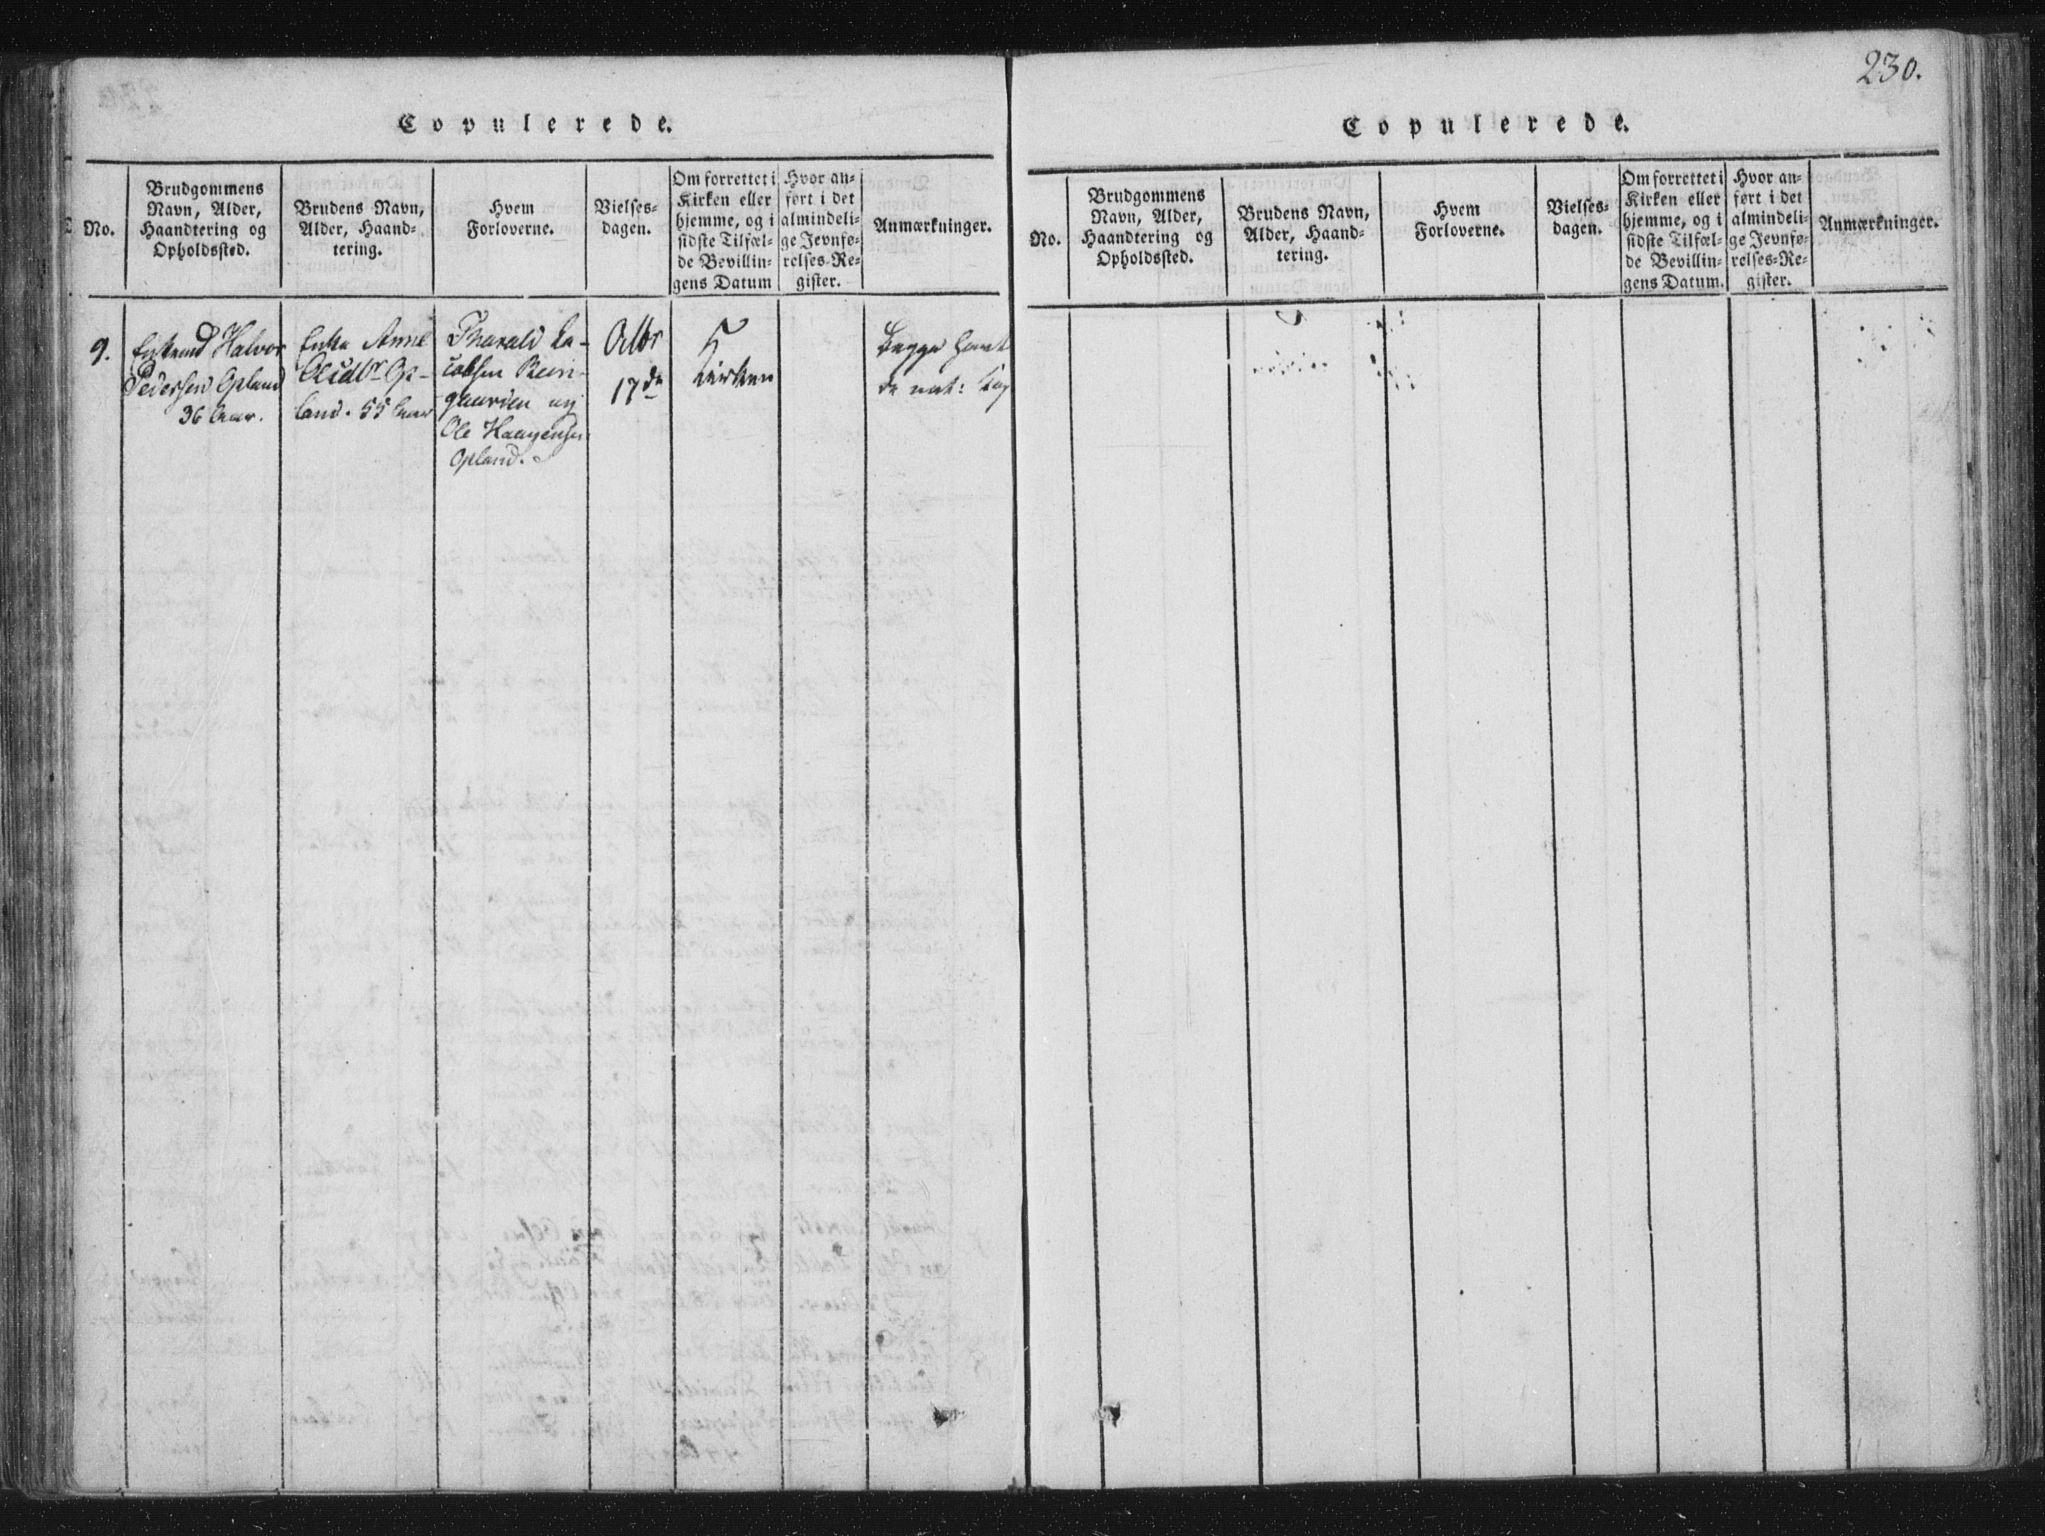 SAT, Ministerialprotokoller, klokkerbøker og fødselsregistre - Nord-Trøndelag, 773/L0609: Ministerialbok nr. 773A03 /3, 1815-1830, s. 230